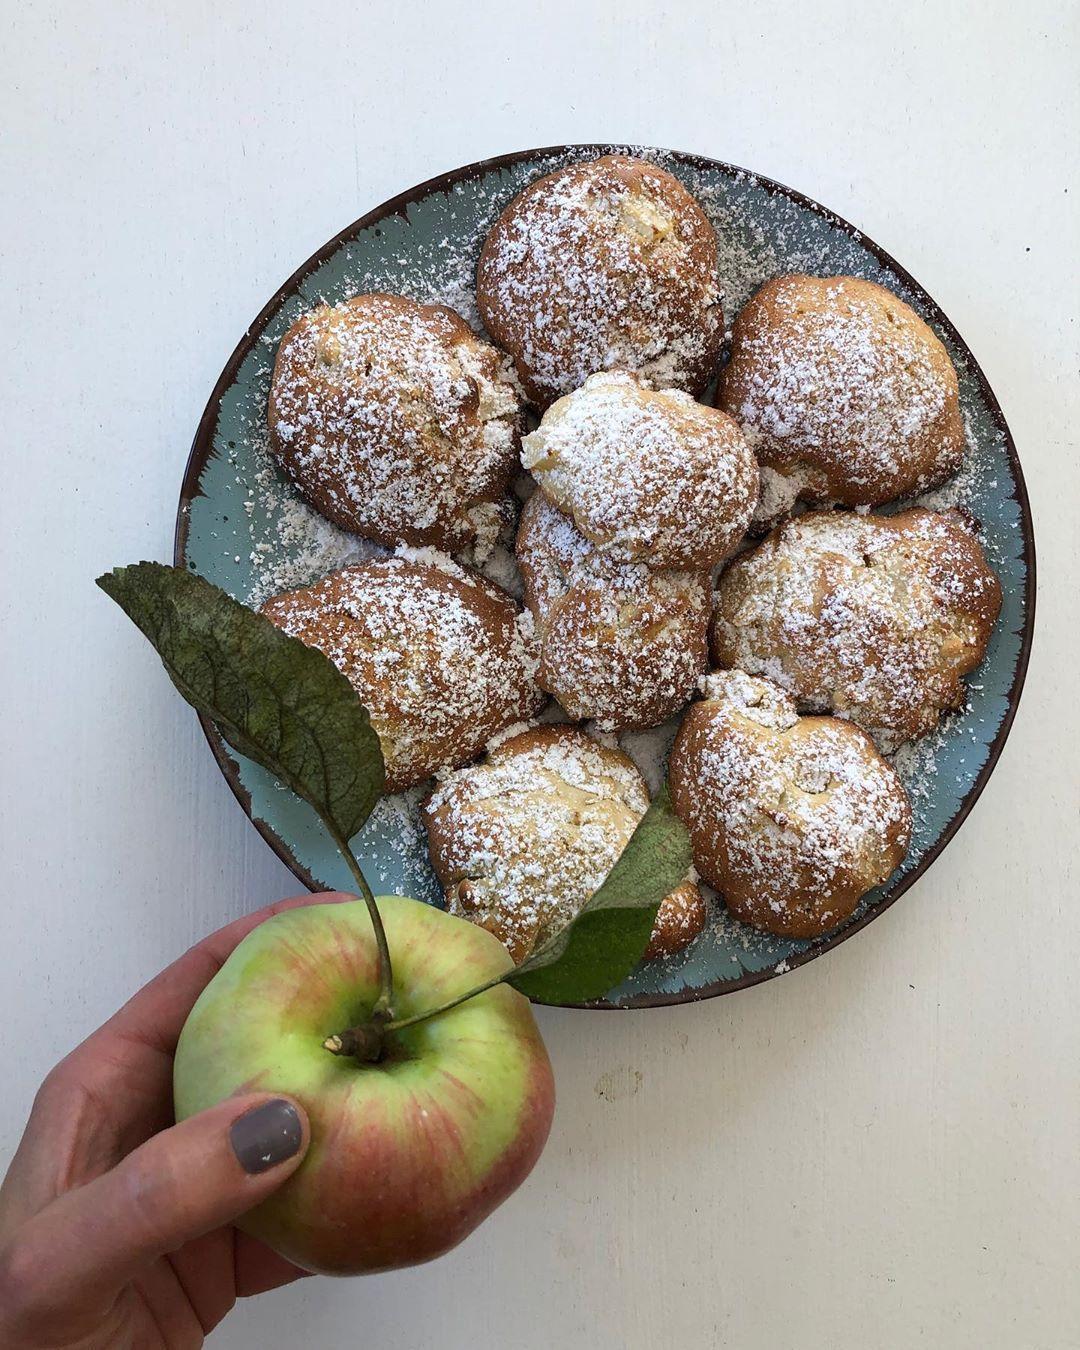 Wie ich es liebe: Du gehst in den Garten und erntest das Obst direkt vom Baum! Ganz frisch und schwup di wupp sind ein paar Apfelflöckchen gebacken worden! 🍎🍏🍎